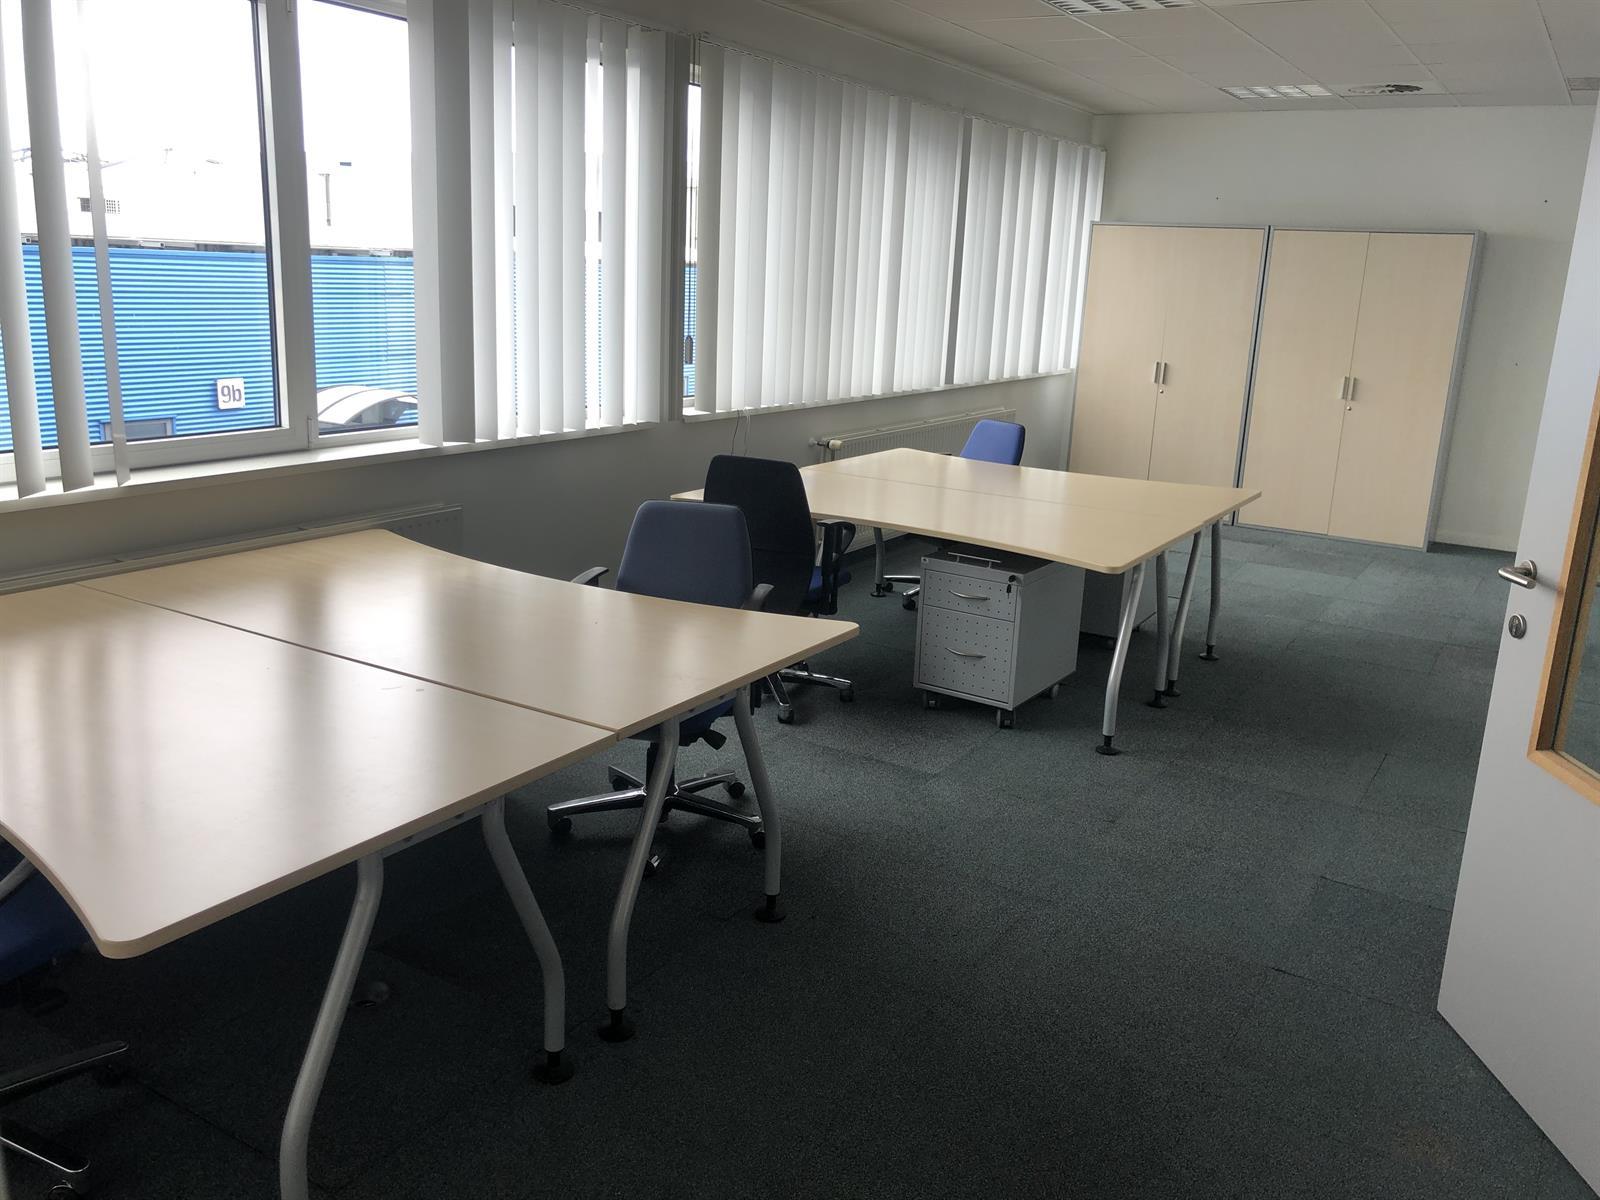 kantoor te huur I168 Saffierstraat 5